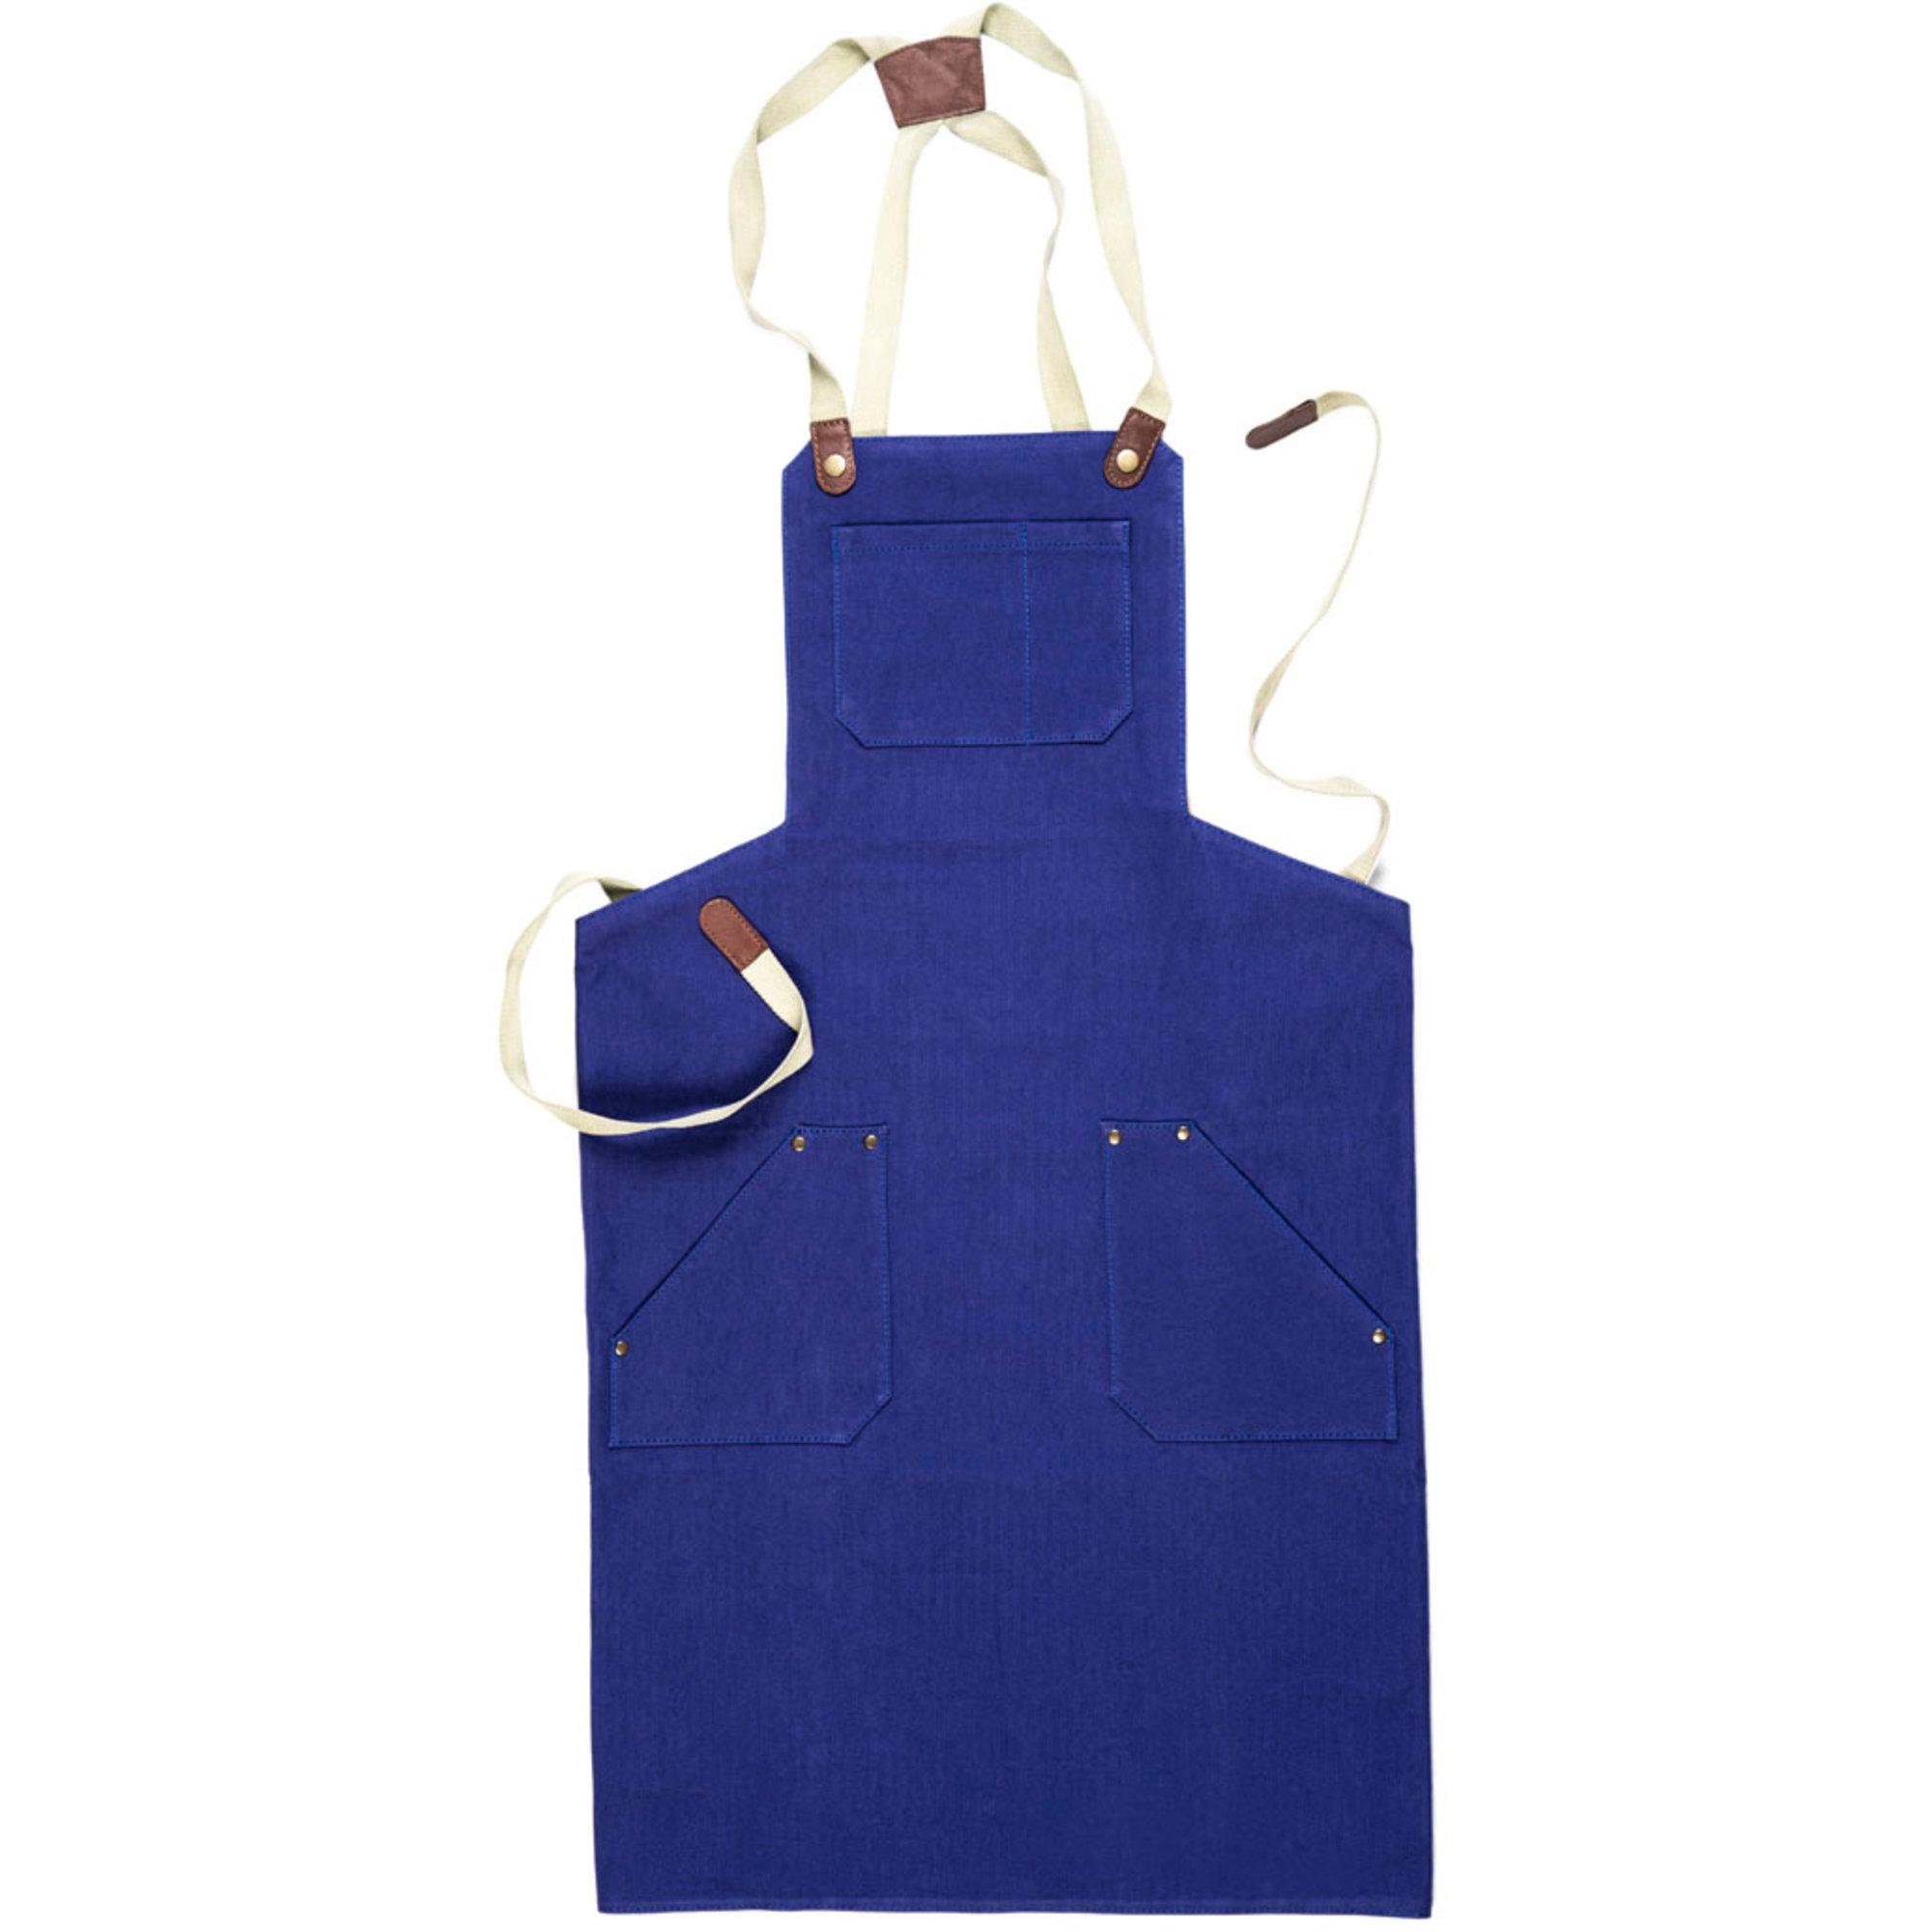 Mareld Förkläde Kanvas läder blå